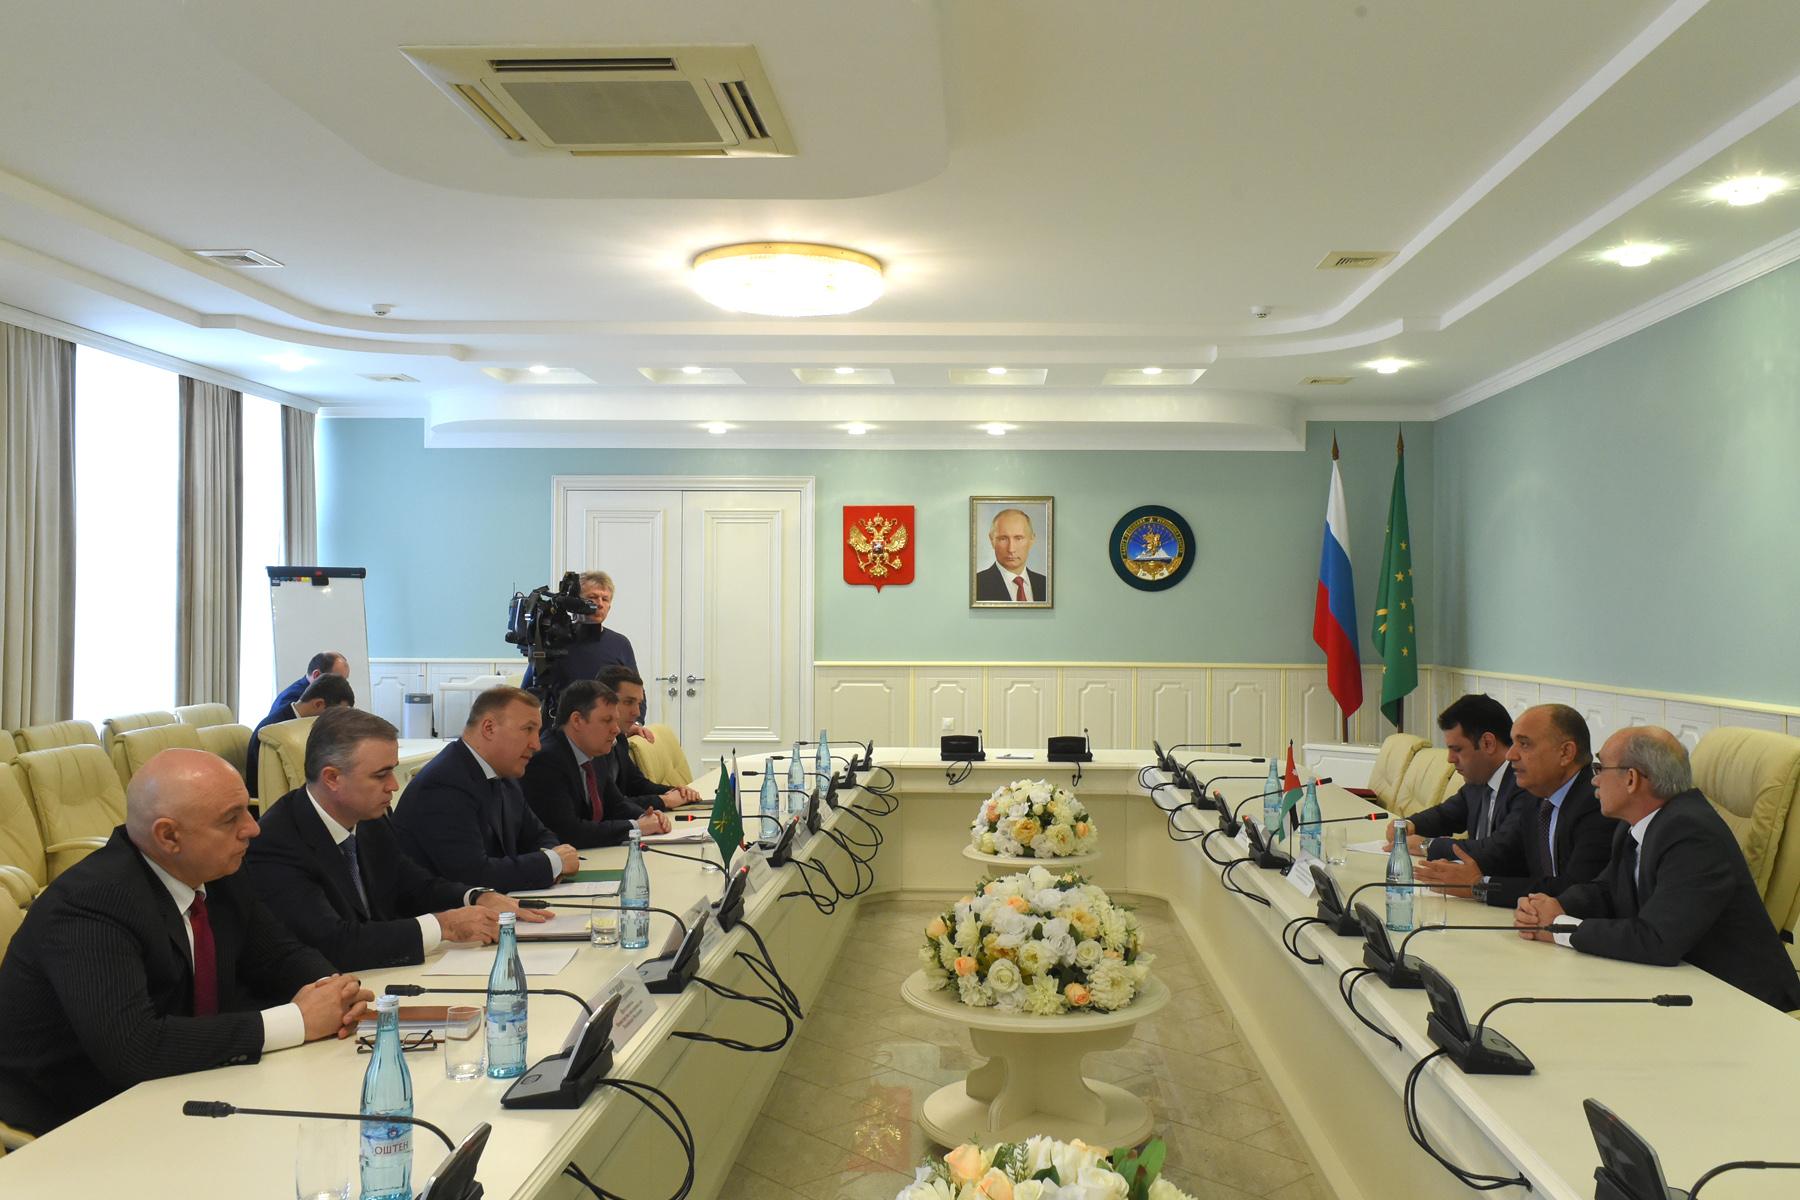 Глава Адыгеи и посол Иордании в РФ обсудили аспекты сотрудничества